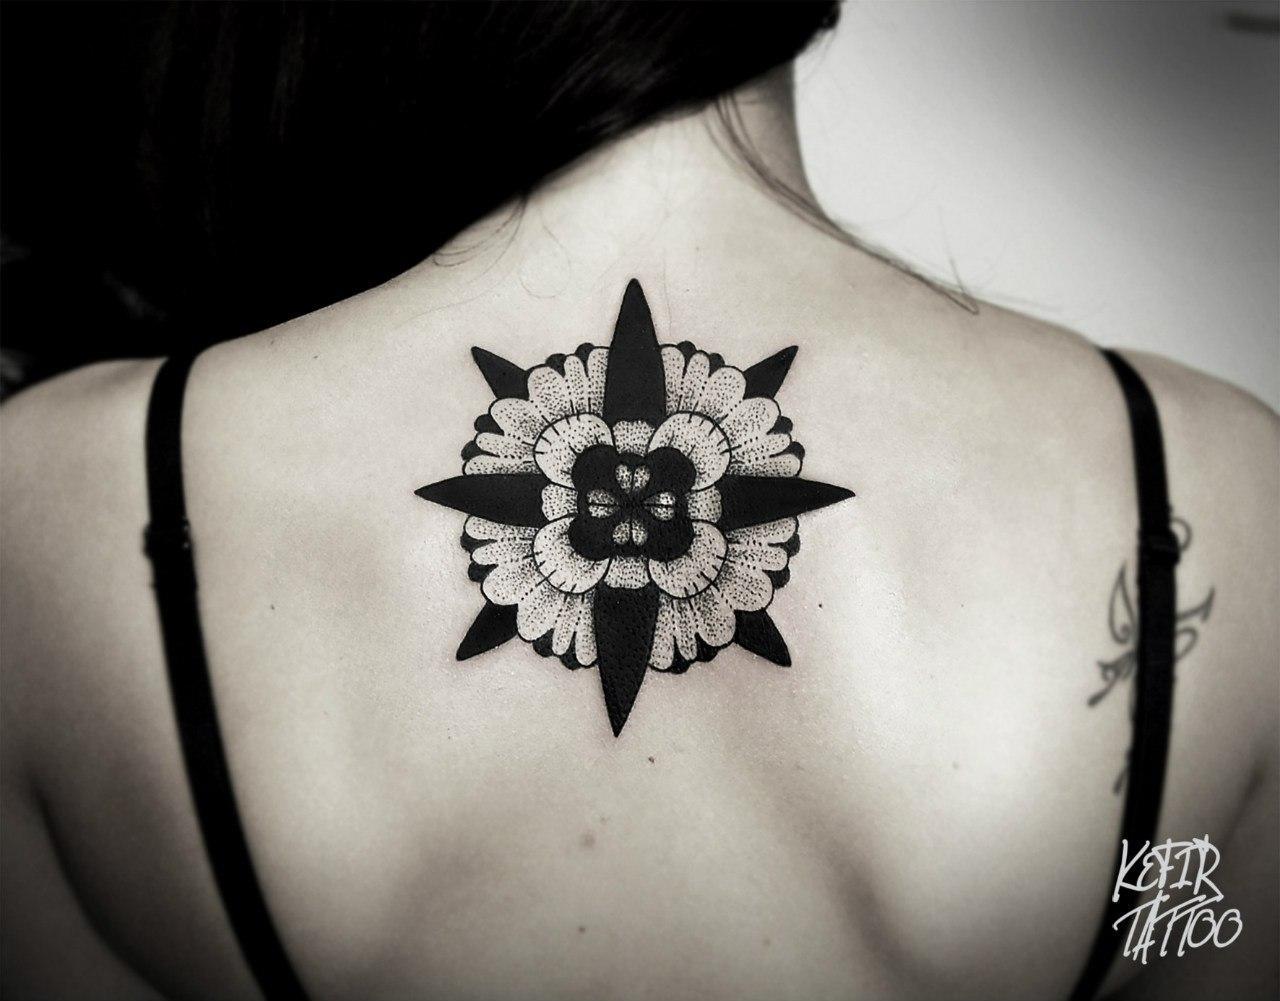 Художественная татуировка «Мандала» от Инессы Фиолетовый Кефир. Узор сделан на спине девушки по индивидуальному эскизу мастера примерно за 2 часа